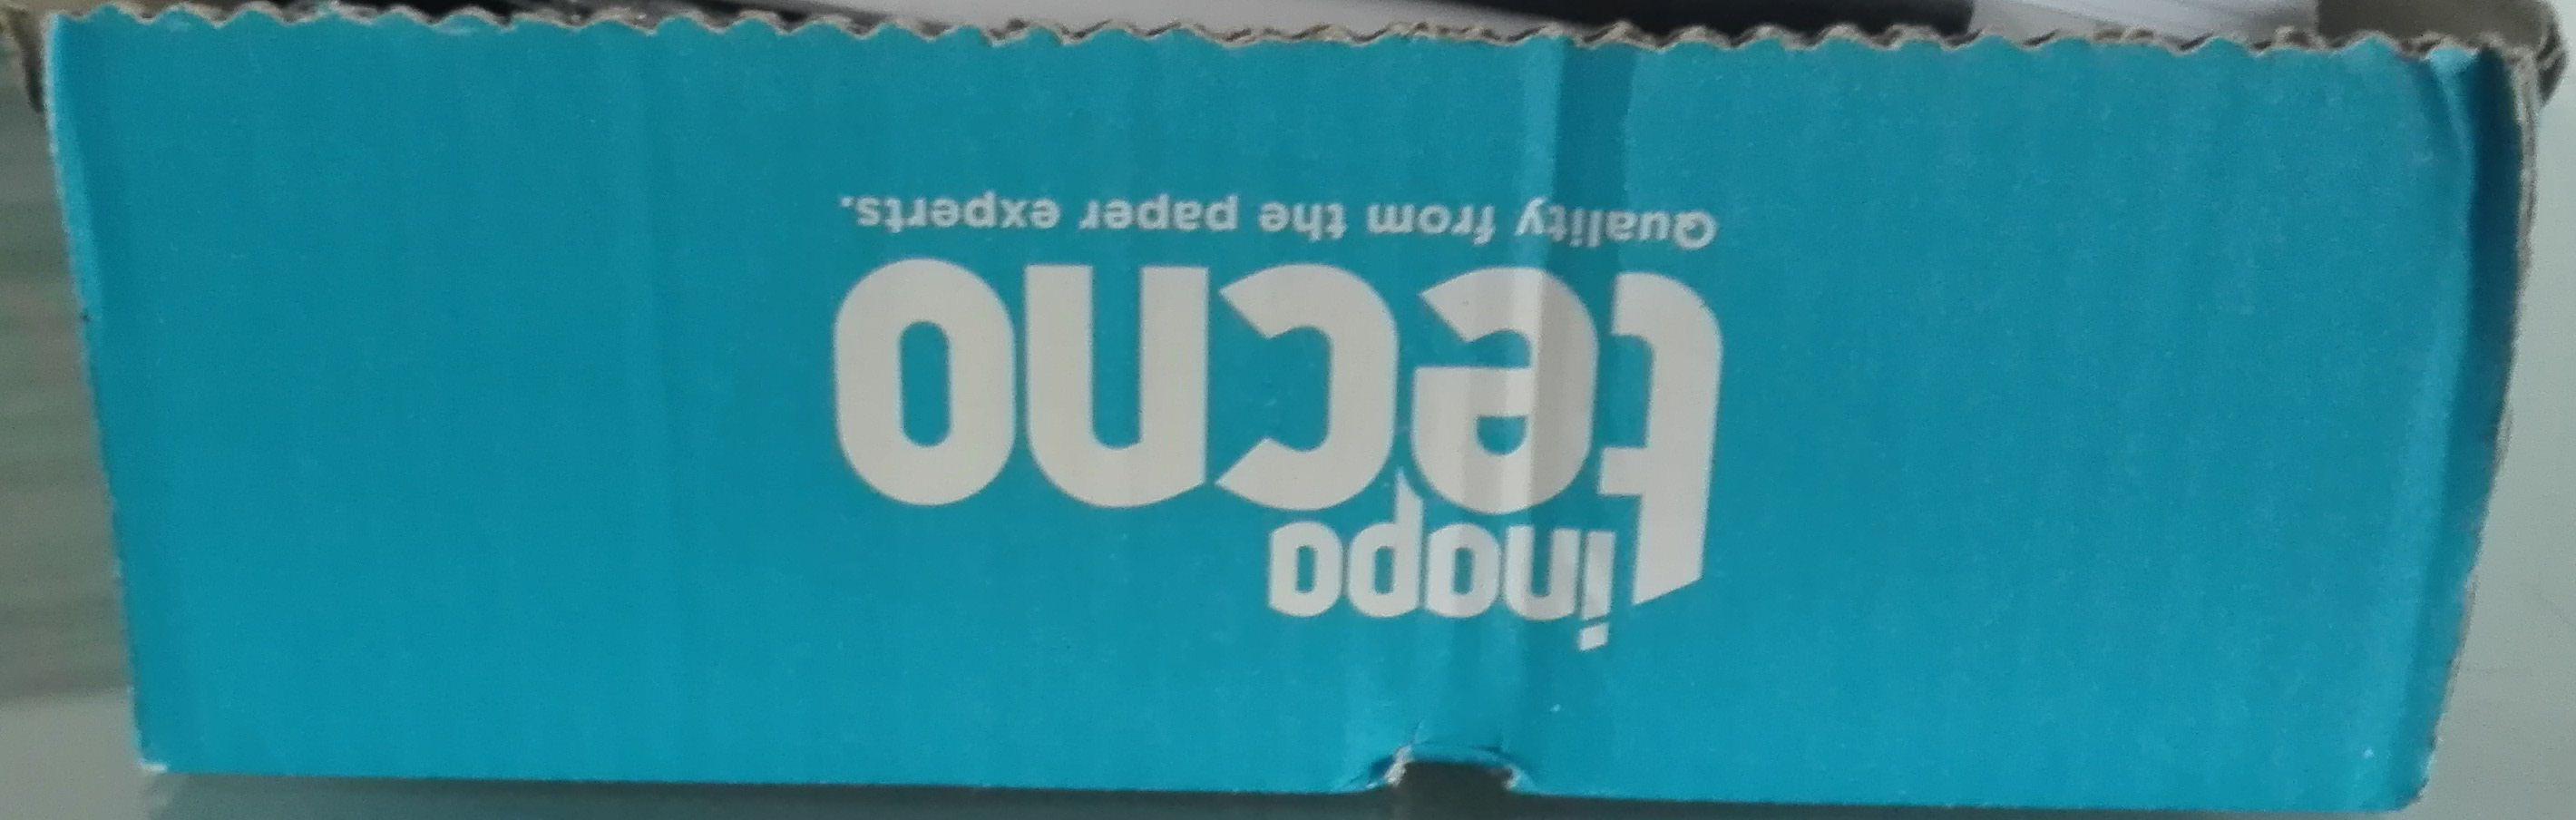 Verbetering: De zijkant van deze kartonnen doos vormt een vlak.